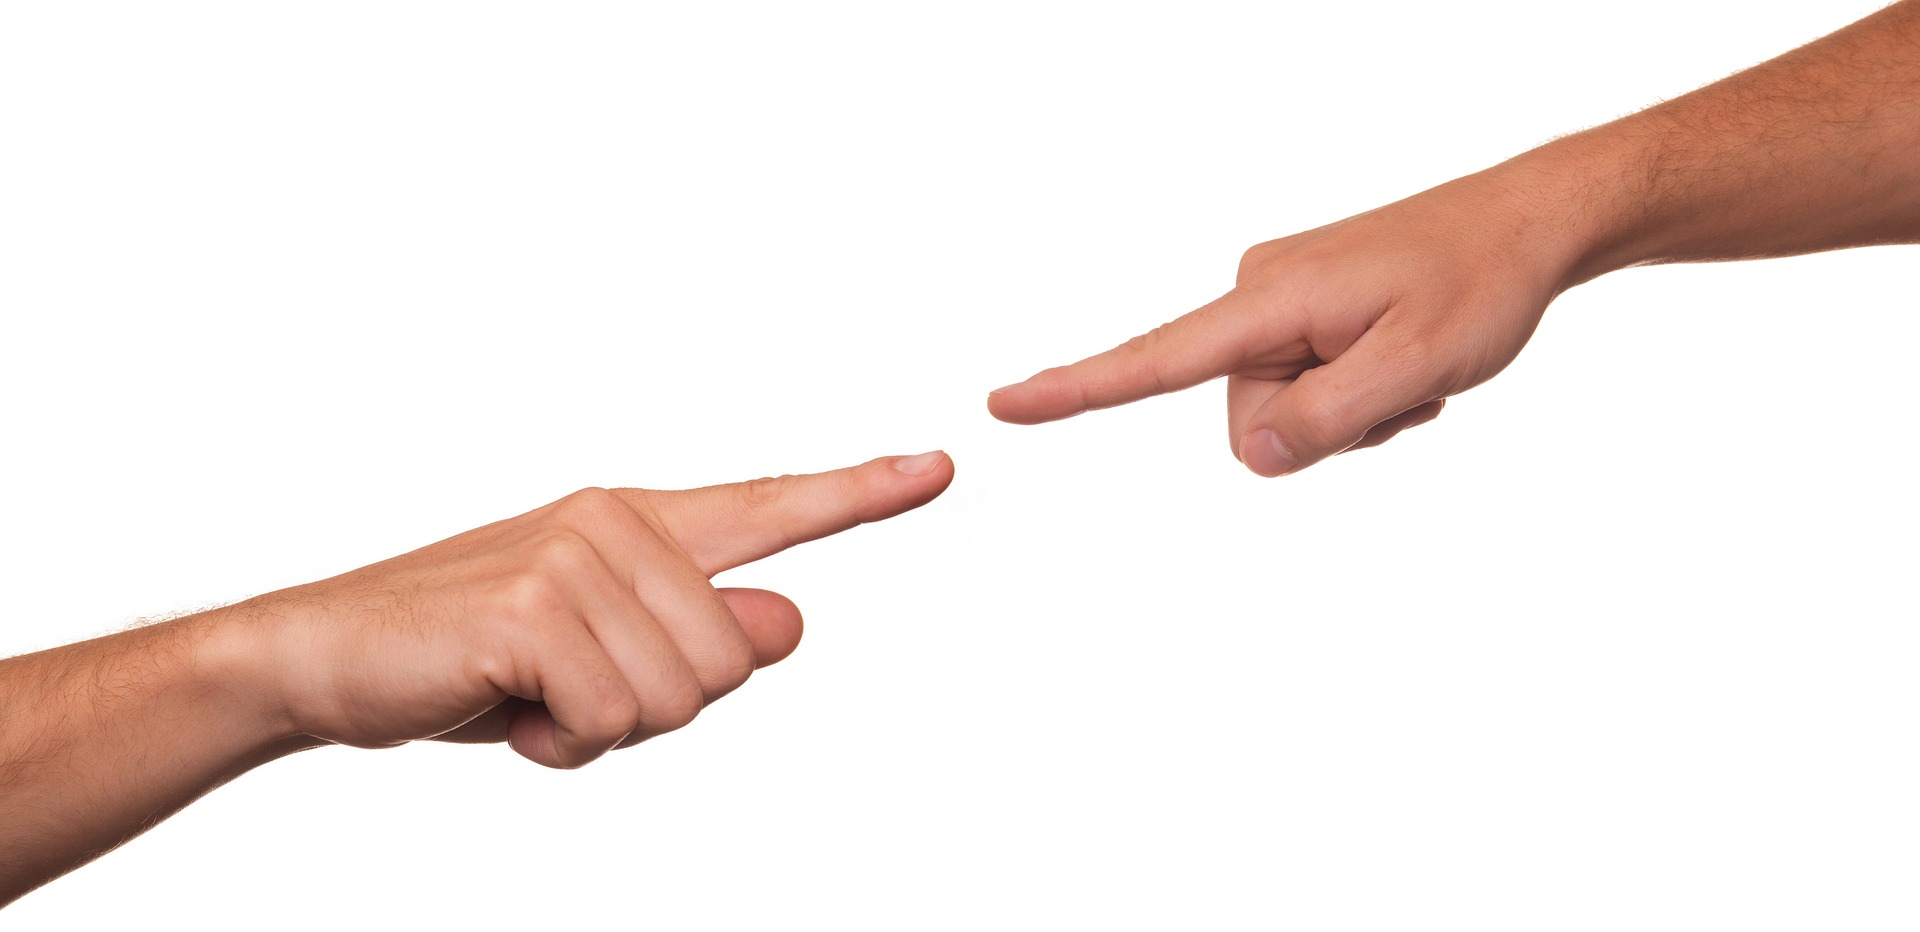 Foto zweier Unterarme, die von rechts oben und links unten ins Bild ragen. Die Zeigefinger sind ausgestreckt.